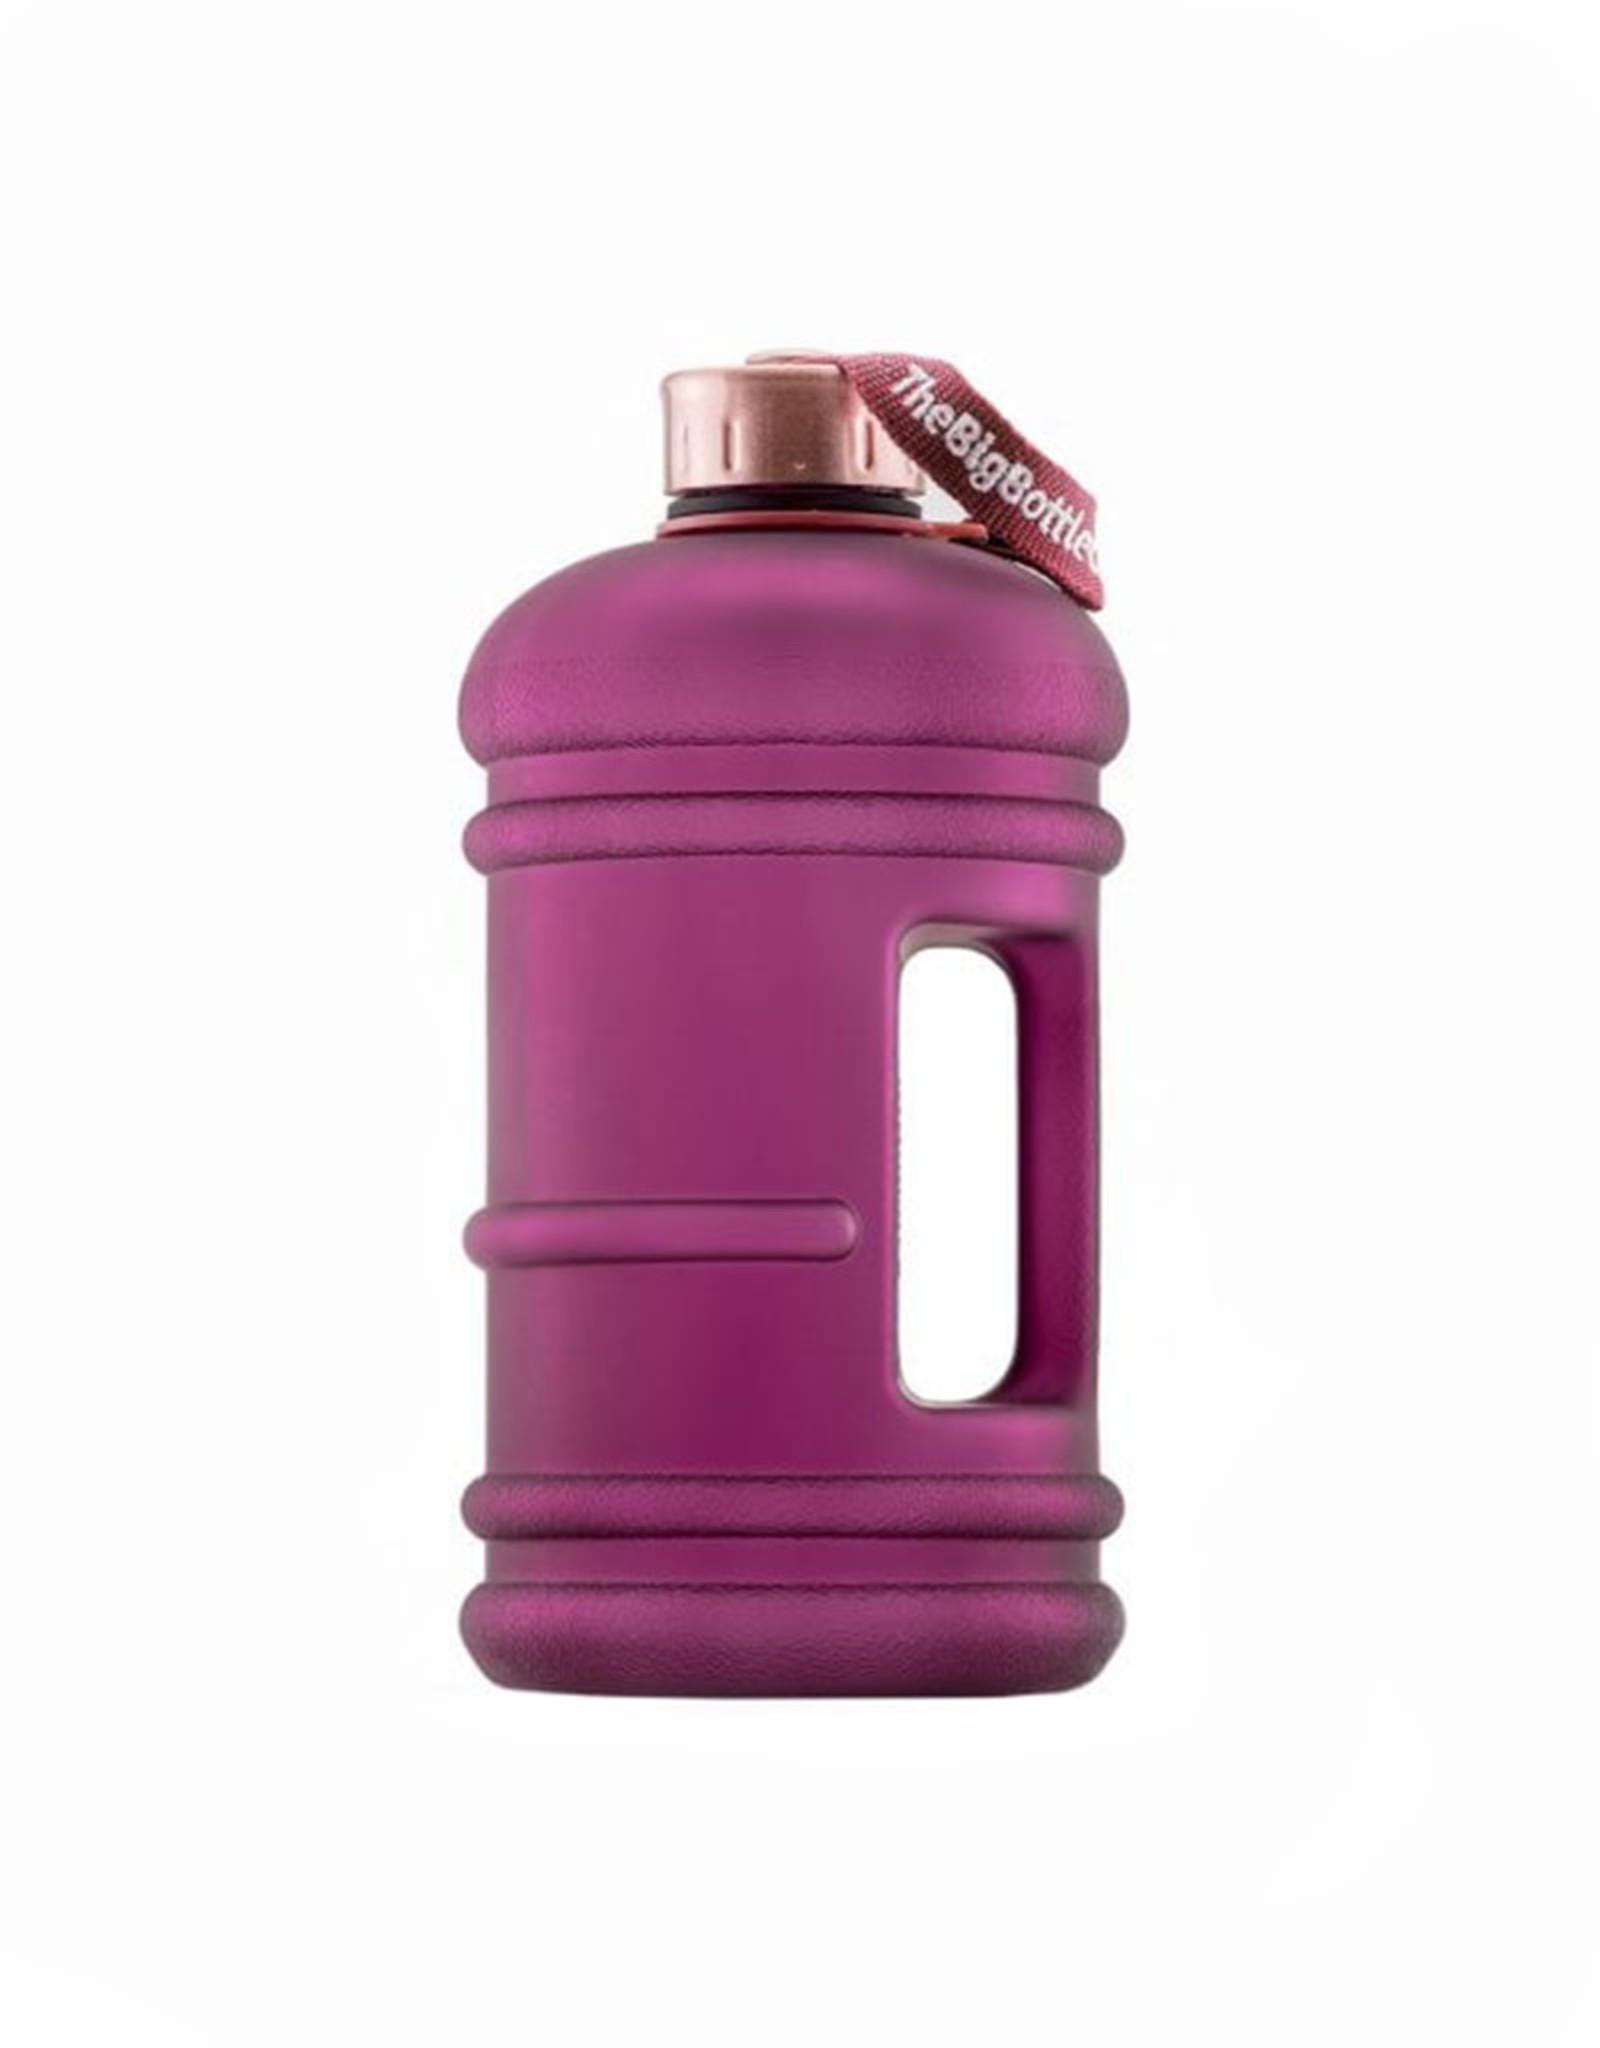 Big Bottle Co. Big Bottle Co. - Rose Gold Collection, Plum Rose (2.2L)